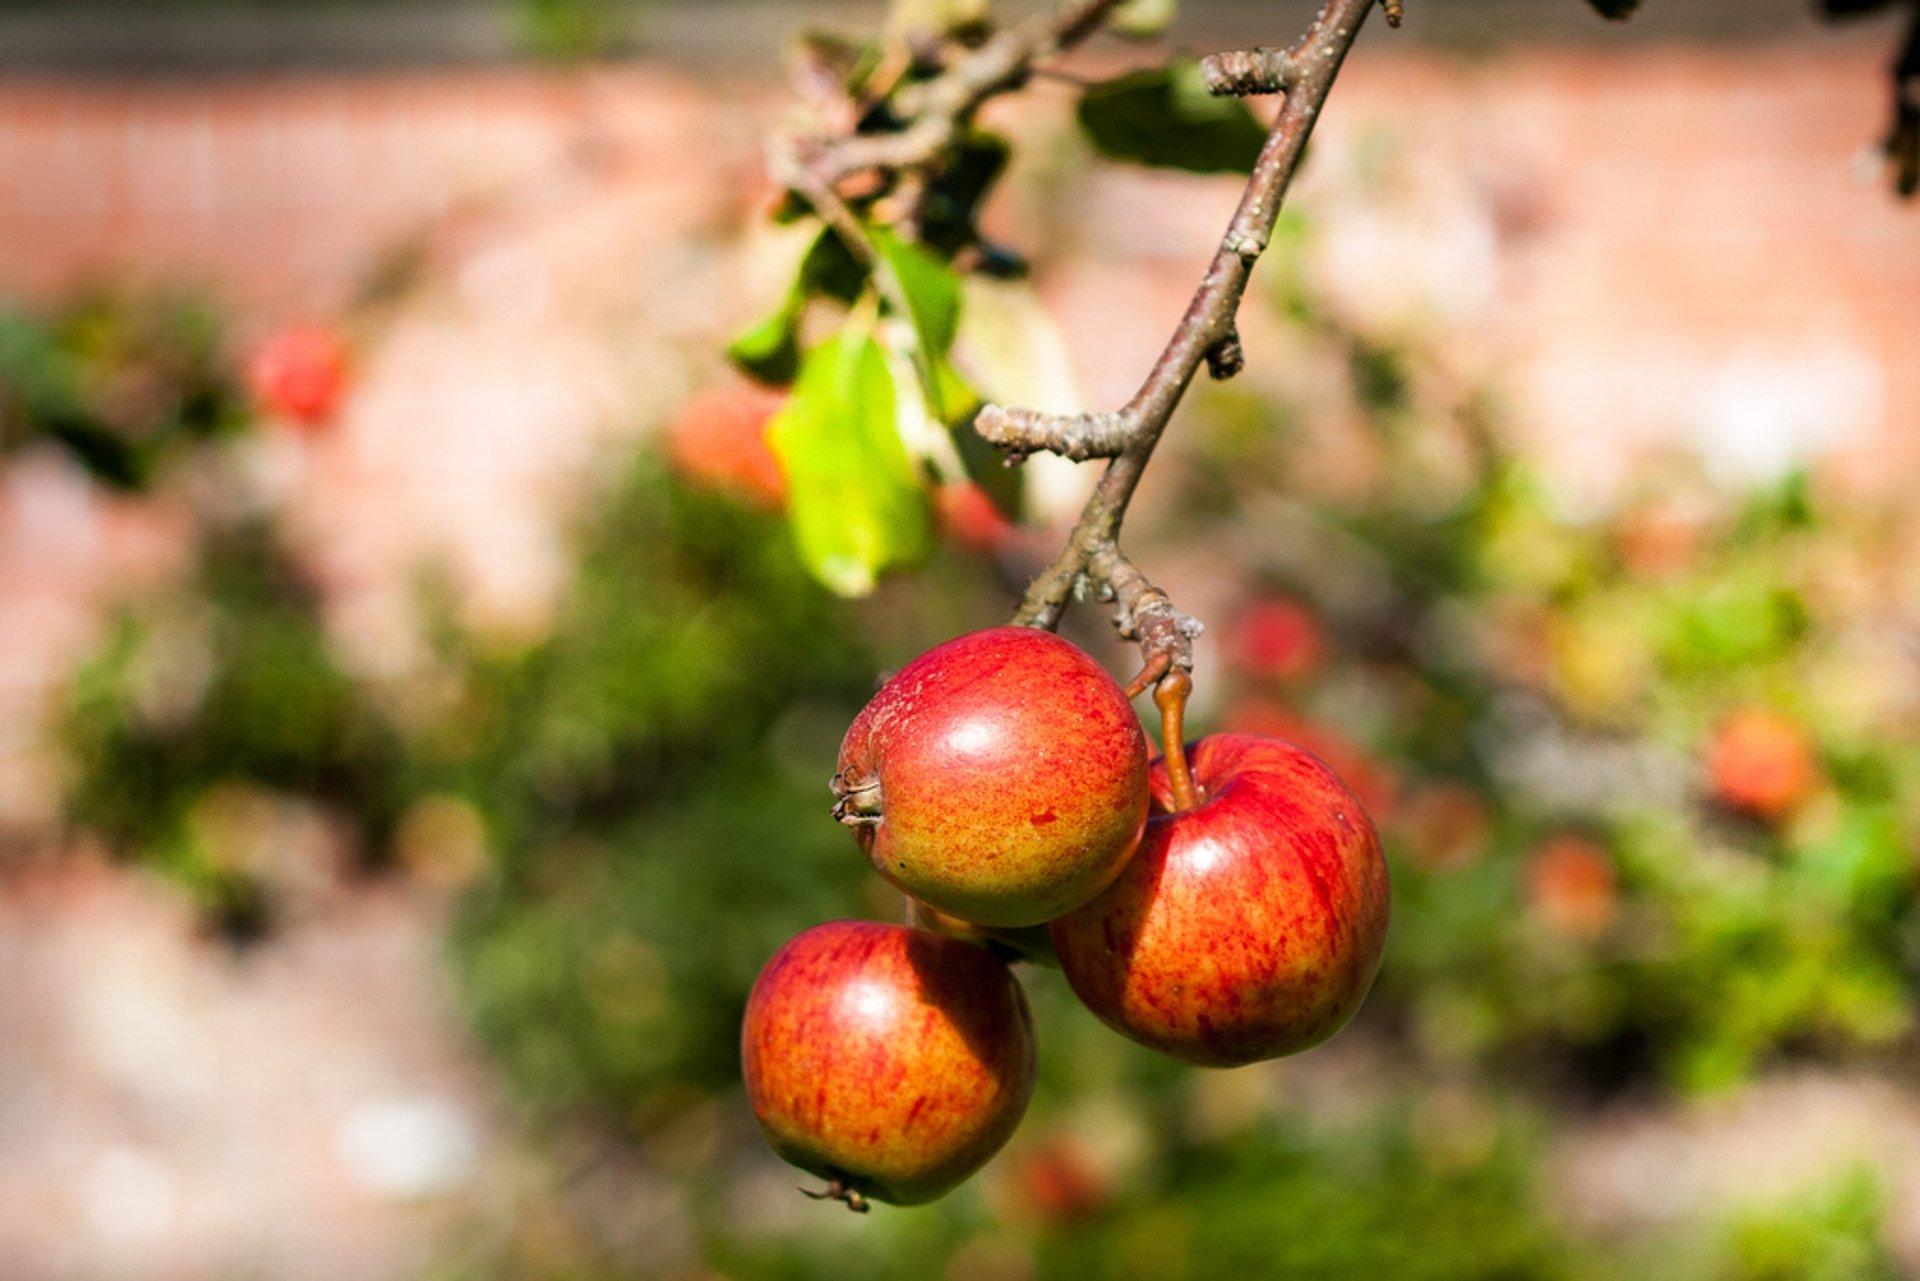 Apple Season in Scotland 2019 - Best Time